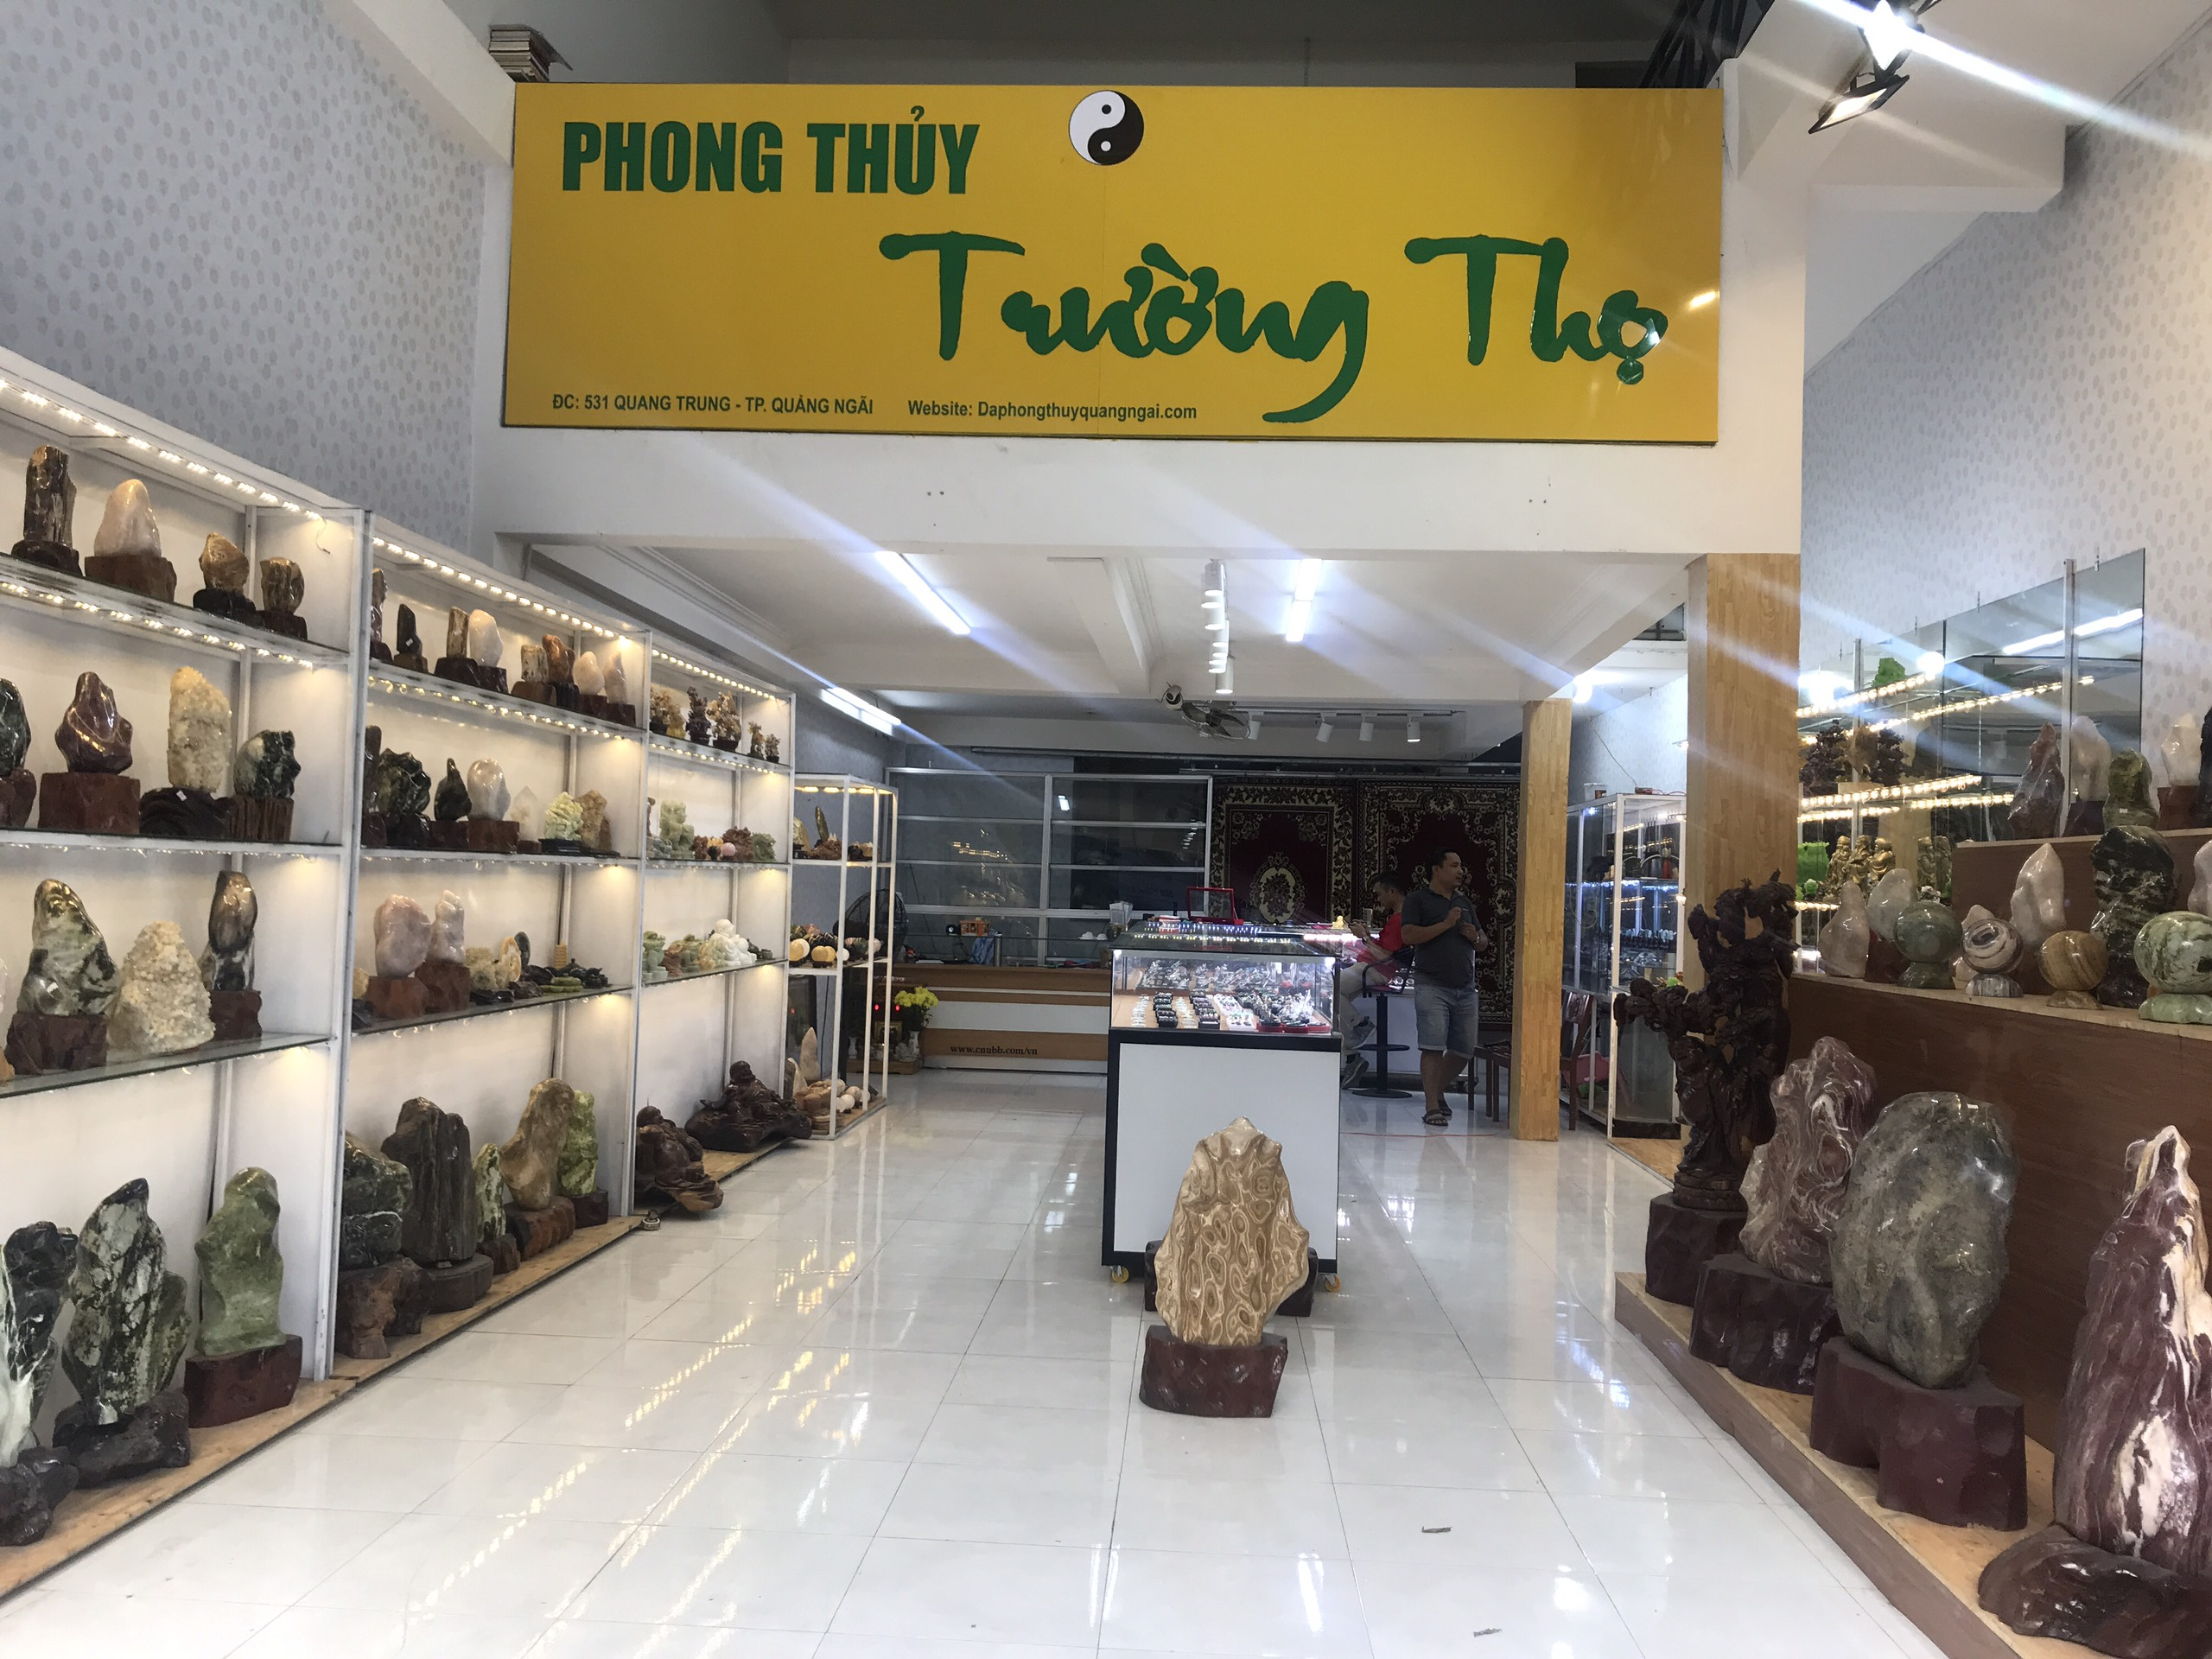 Cửa hàng Phong Thủy Trường Thọ